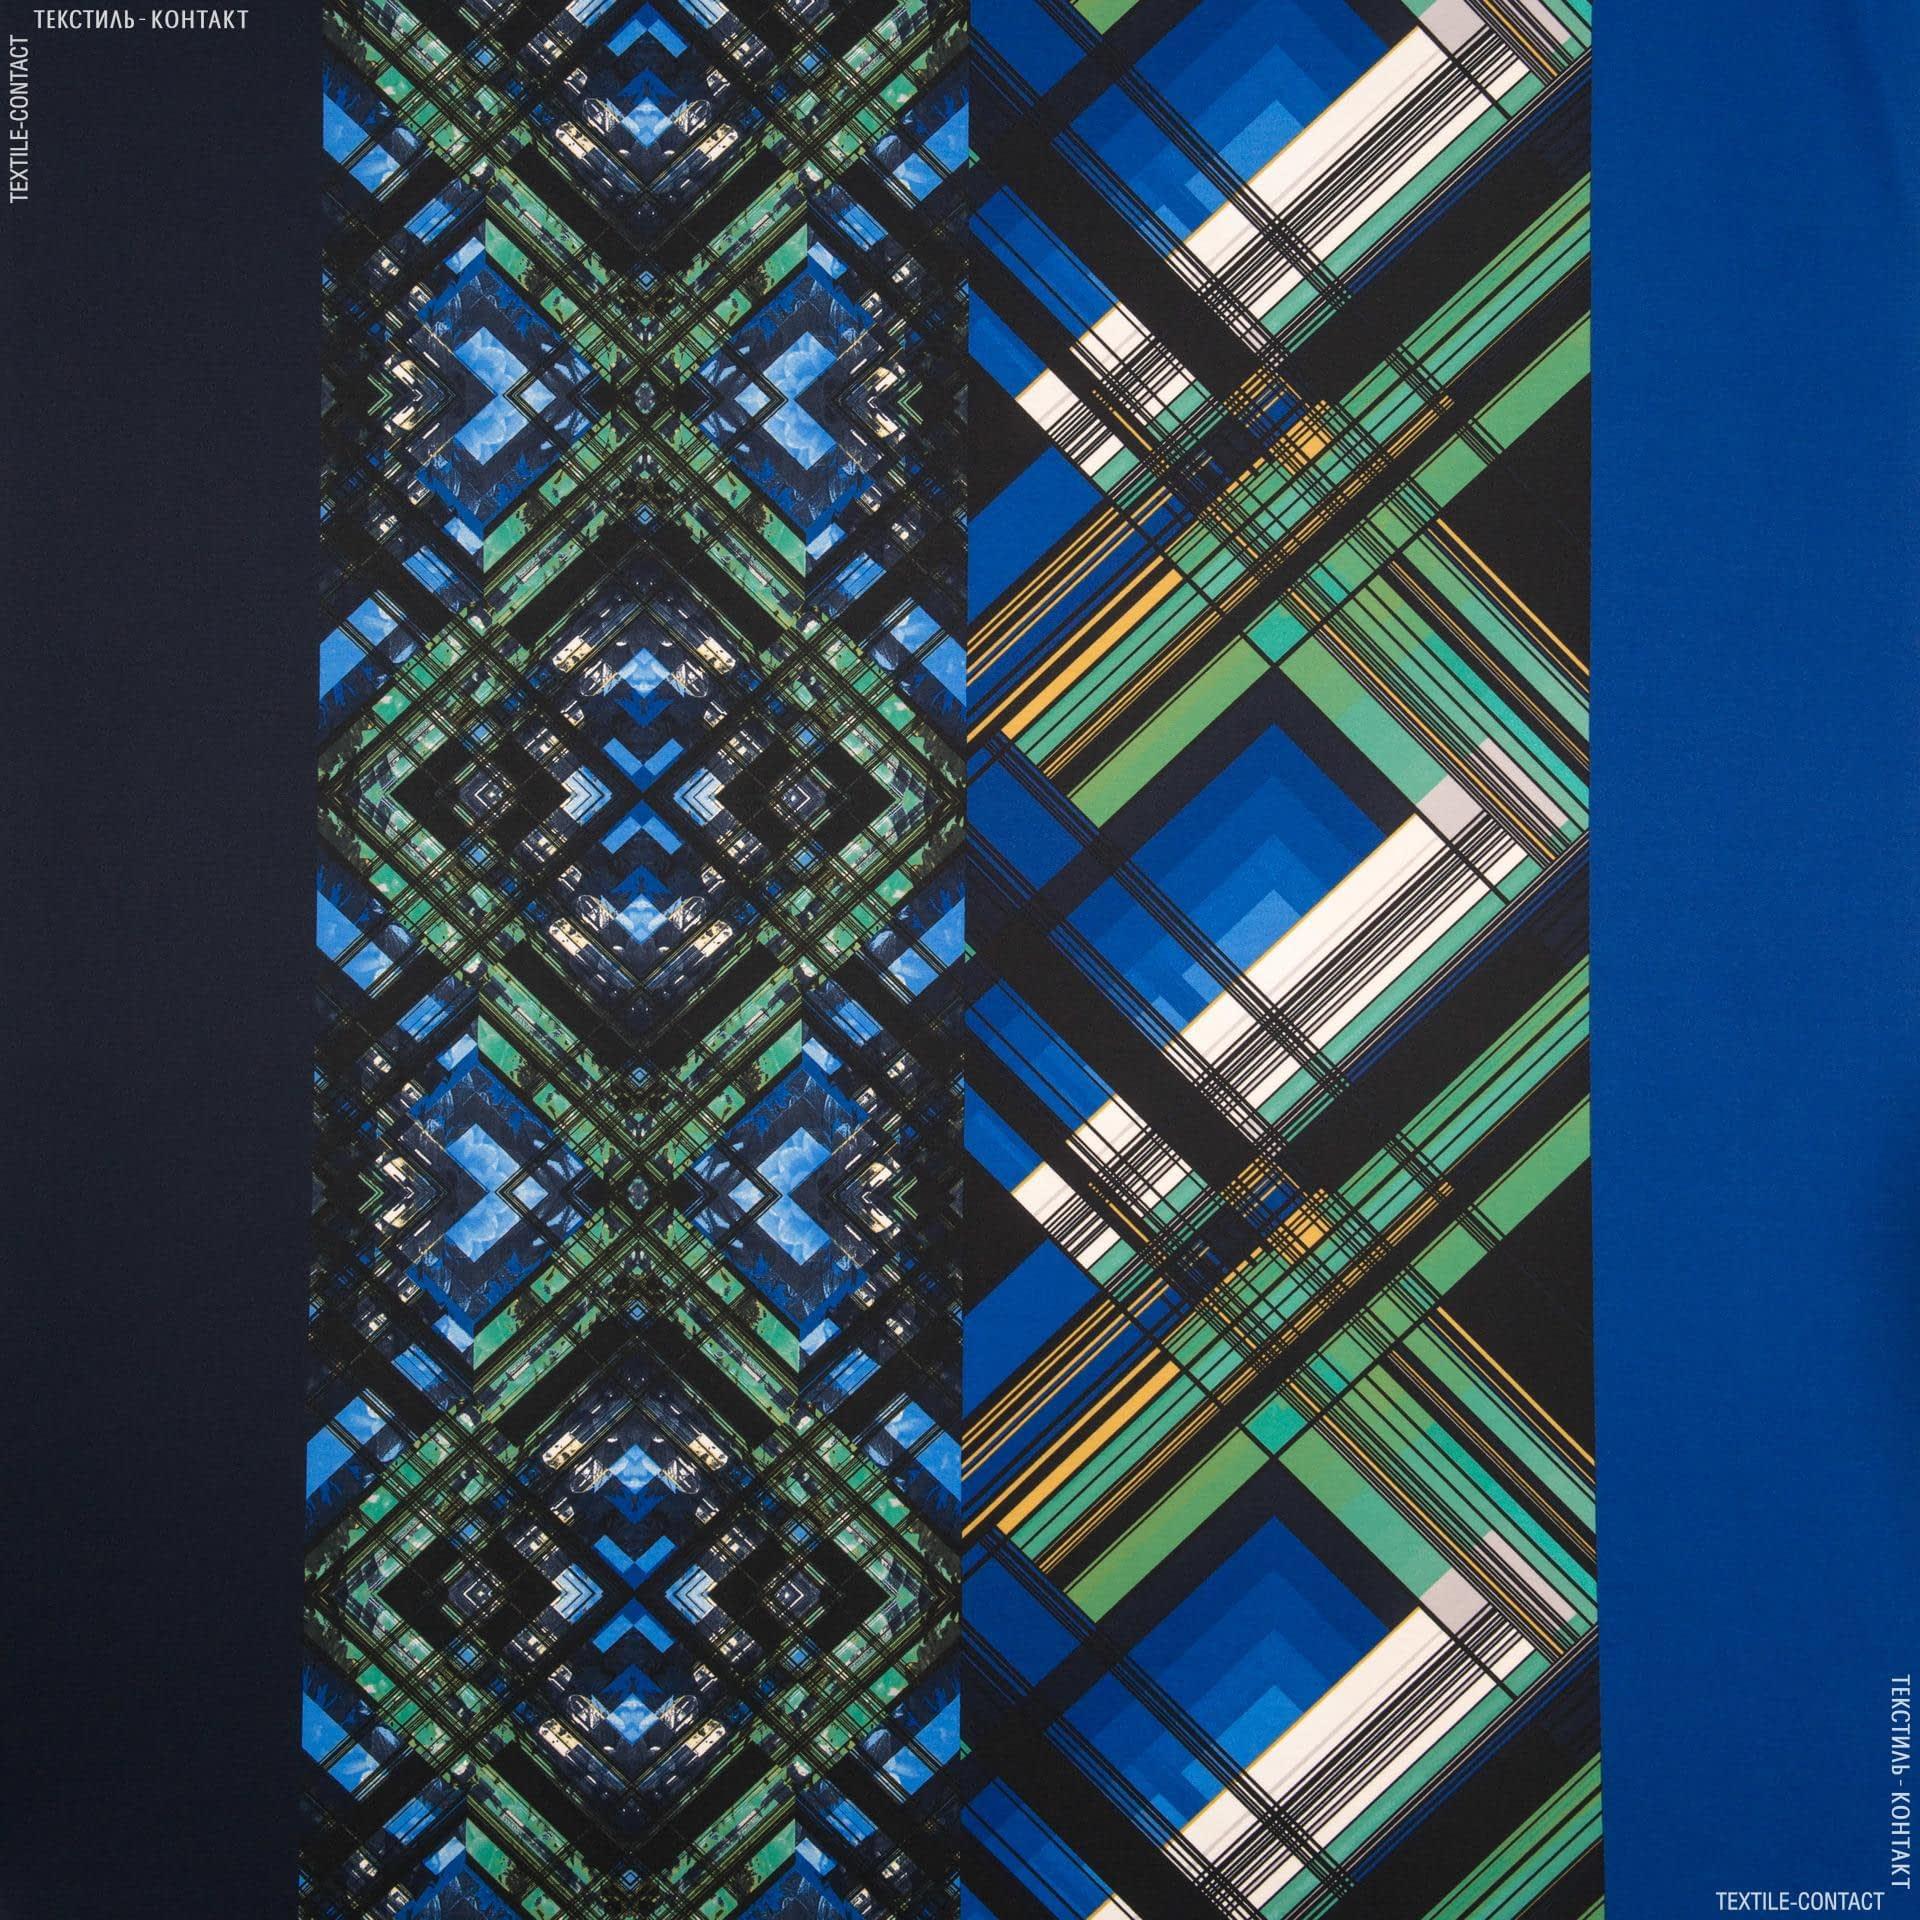 Ткани для костюмов - Трикотаж джерси принт